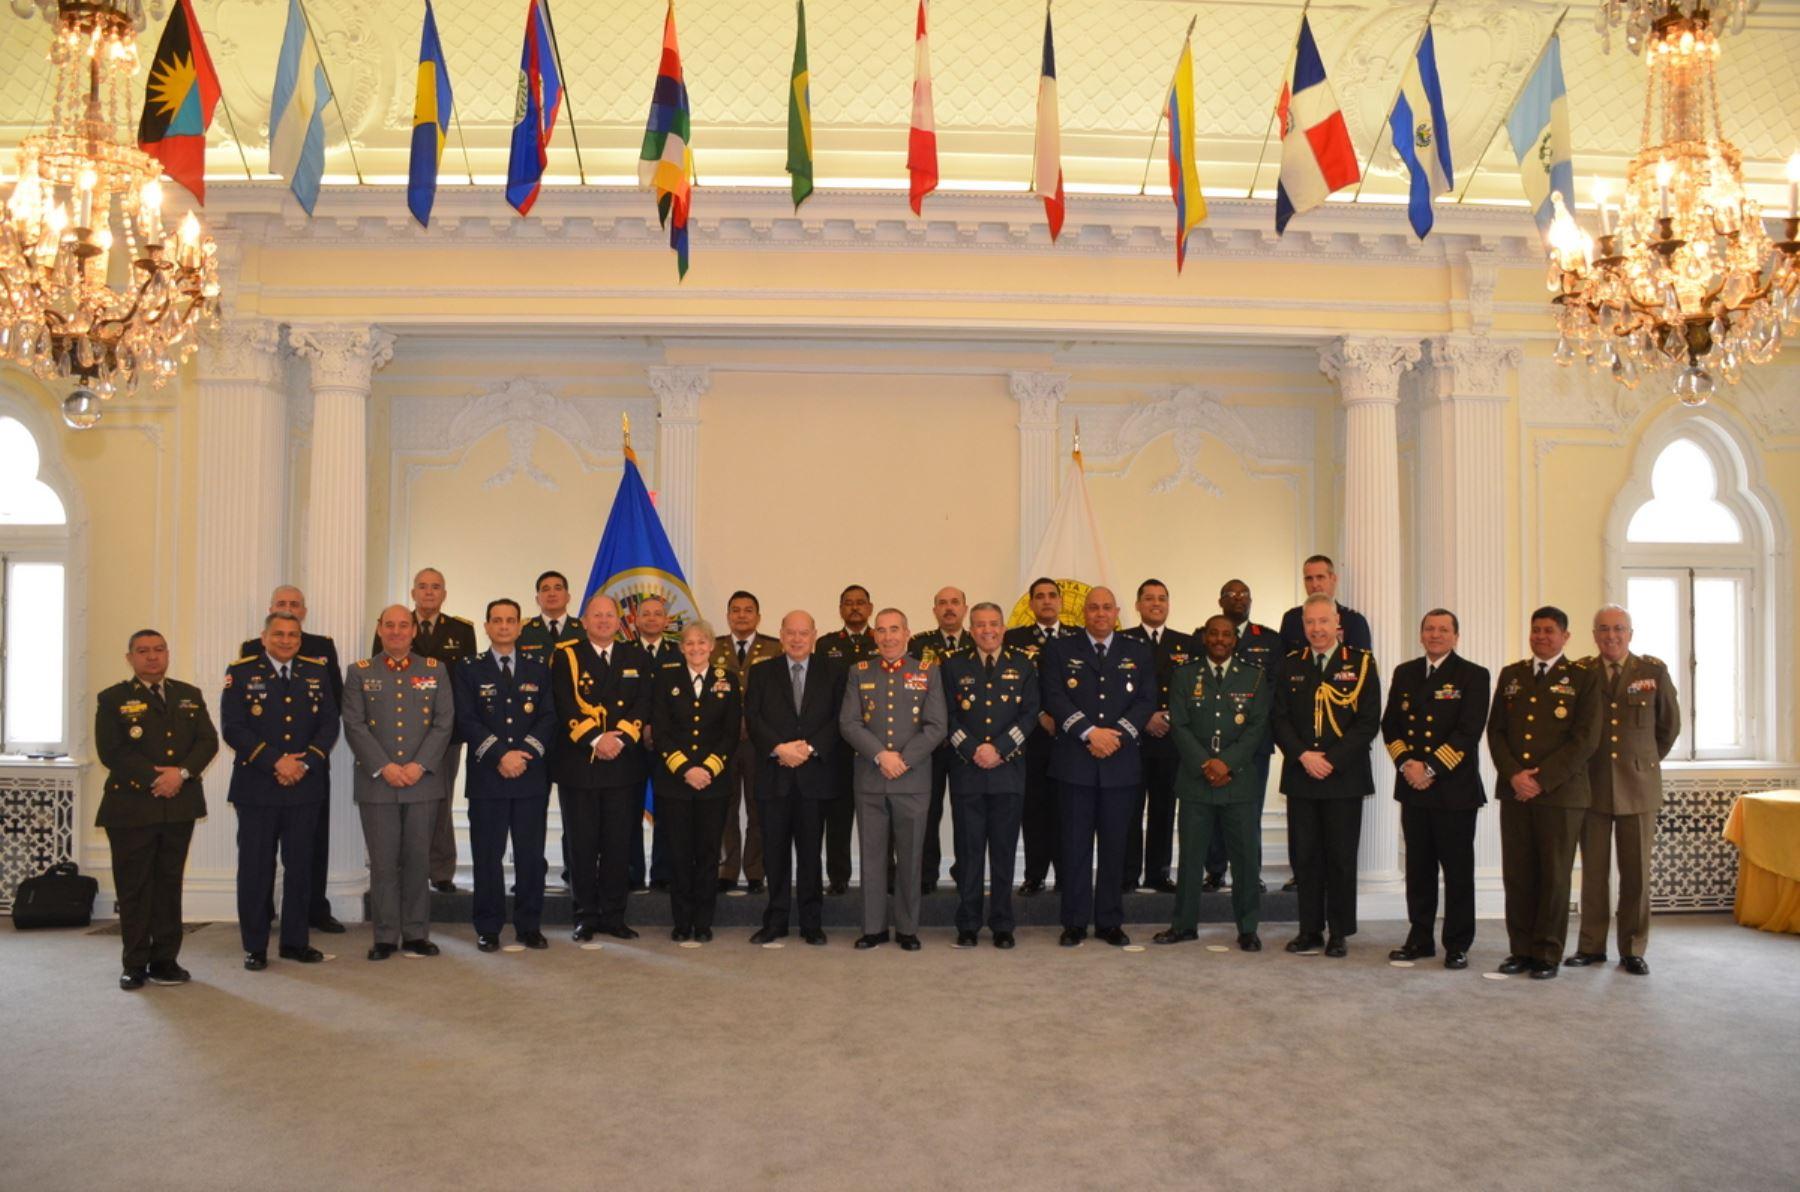 Miembros de la Junta Interamericana de Defensa con sede en Washington, marzo del 2015.